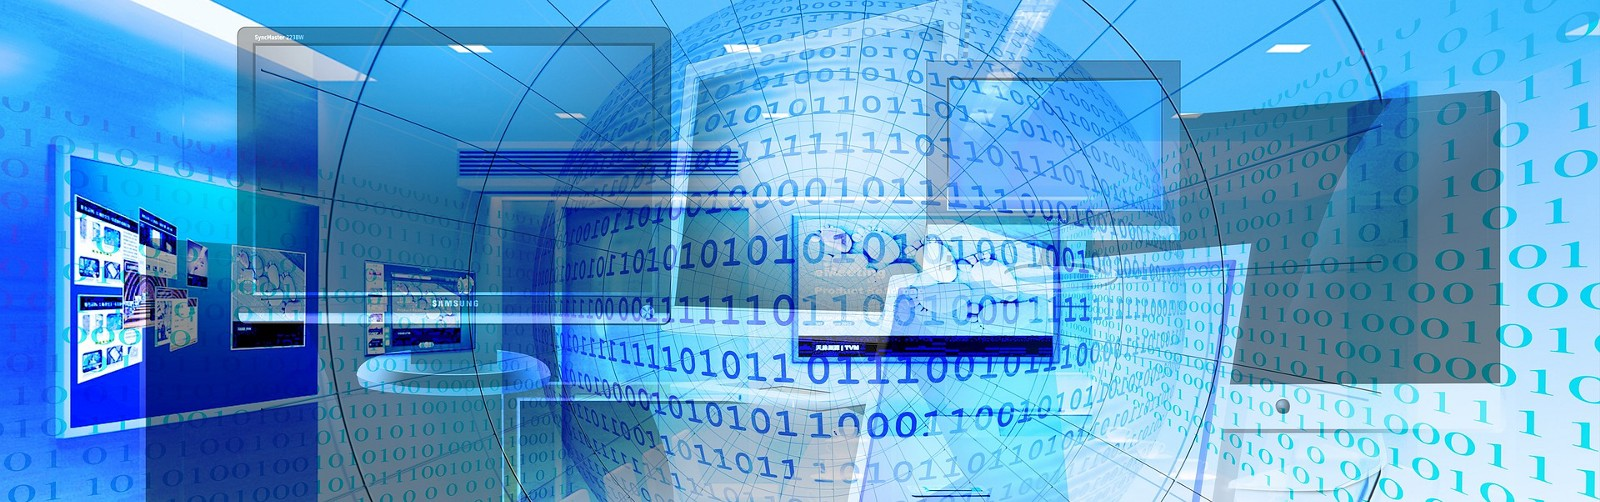 /how-to-set-up-a-secure-home-network-a3d0f829fd6c feature image